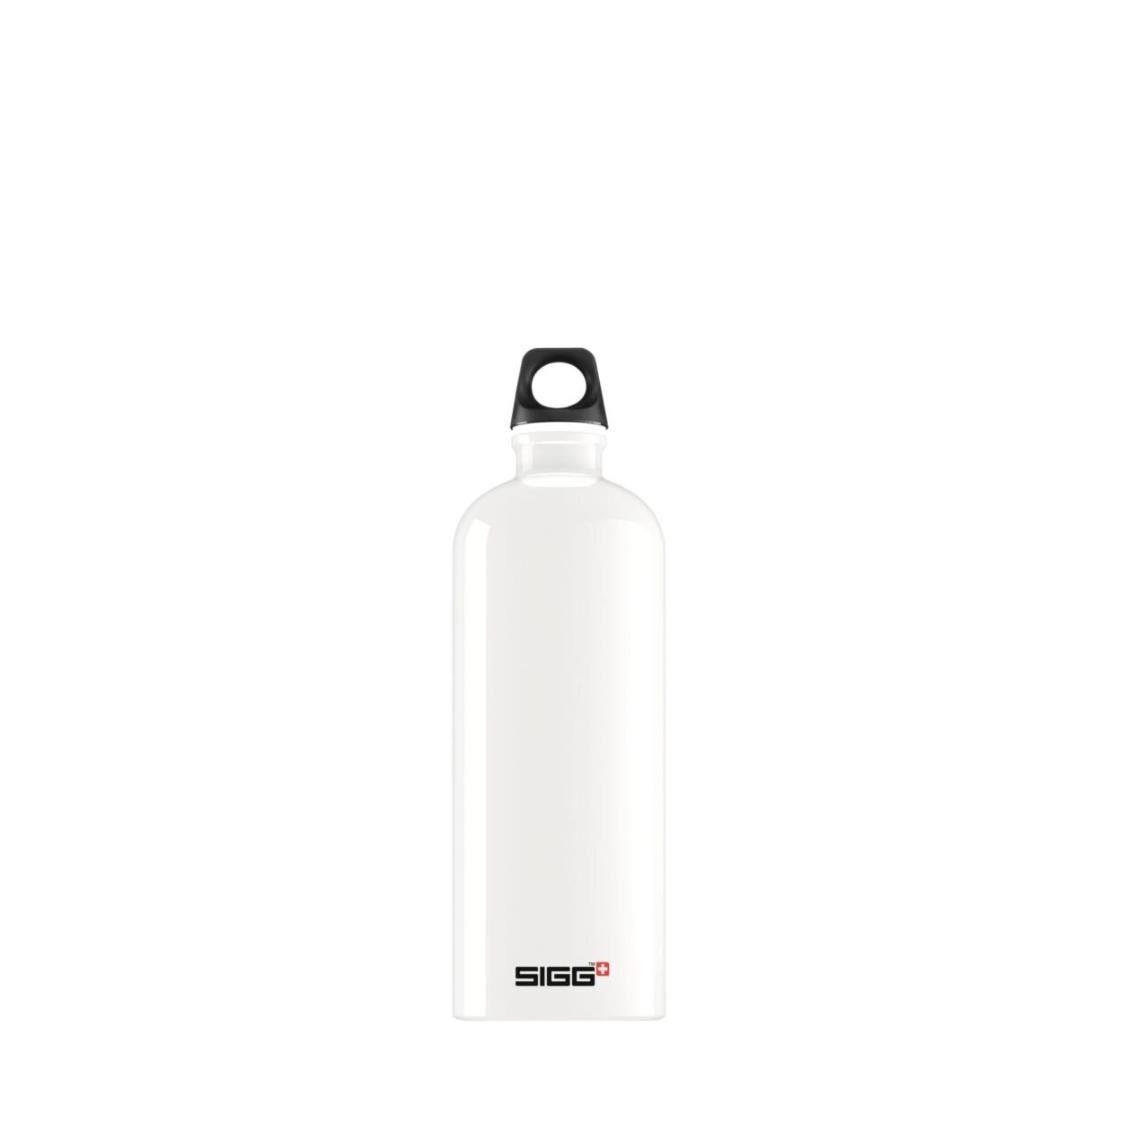 Sigg Traveller 1L Water Bottle White 815910